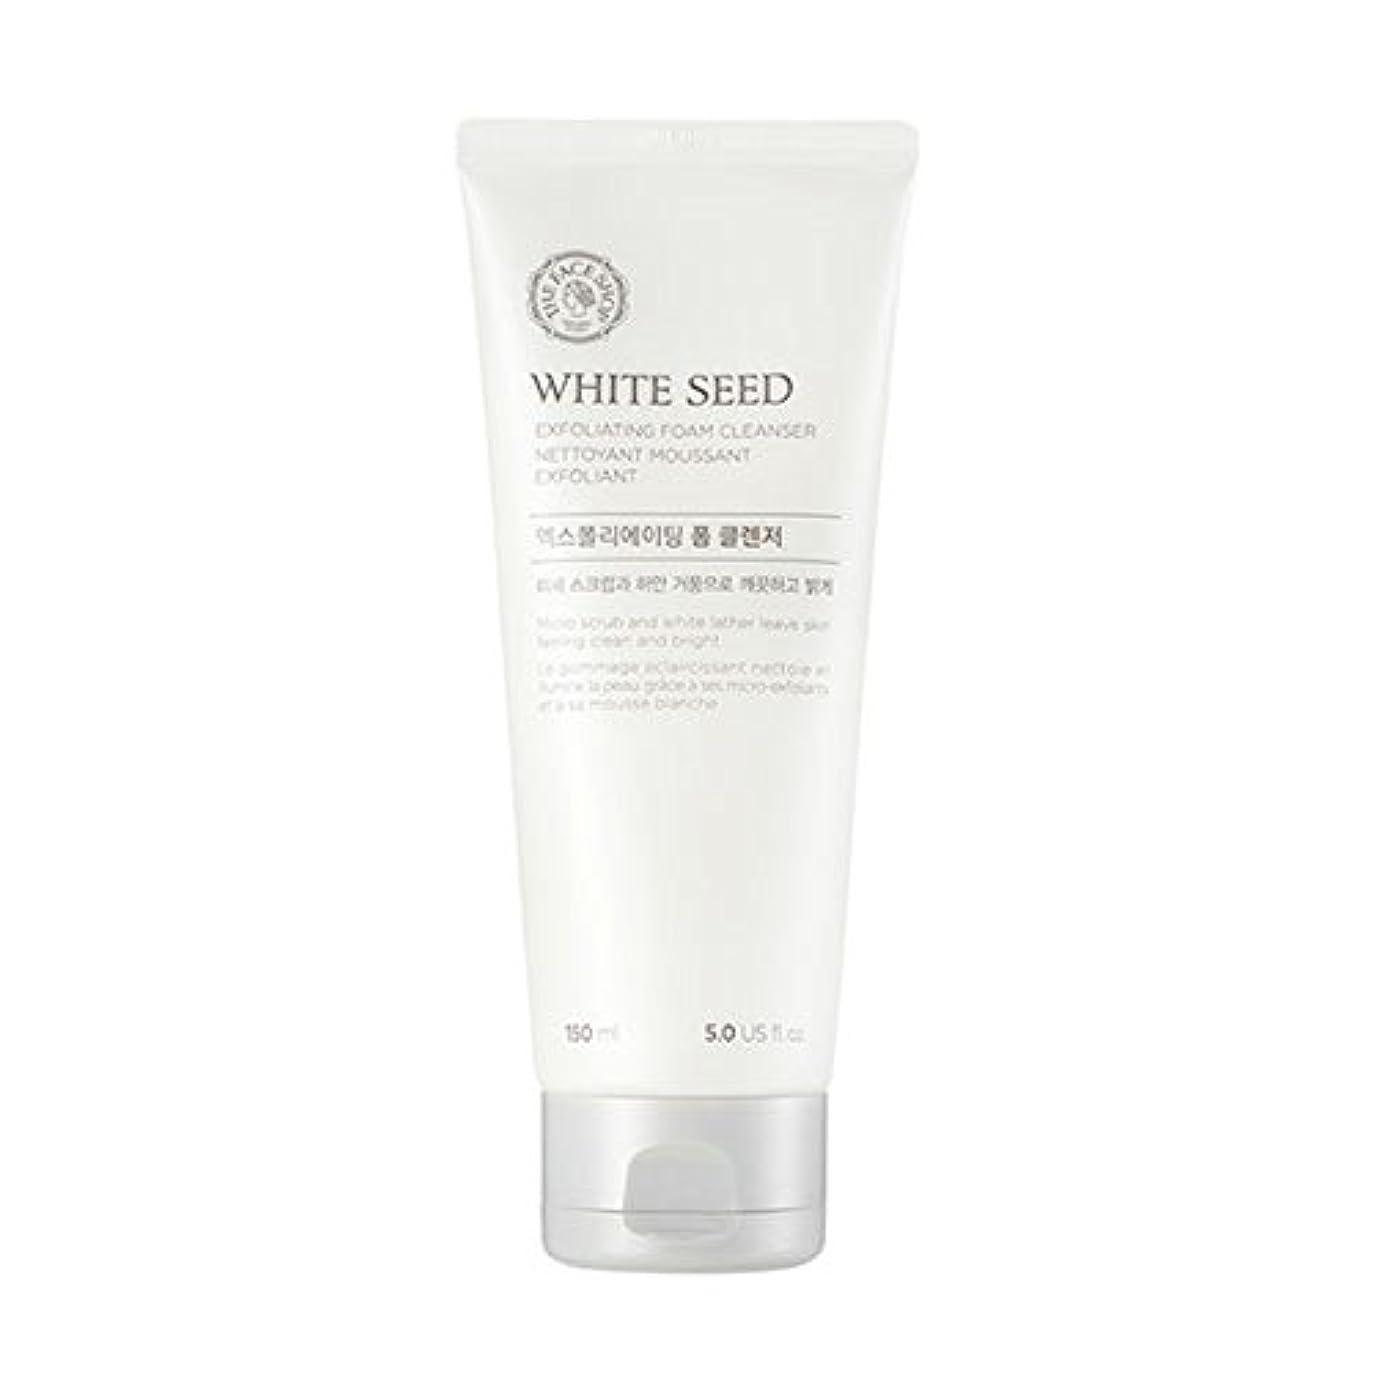 違反する天の毛細血管[ザフェイスショップ] The Face Shop ホワイトシードエクスフォリエイティングクレンザー(150ml) The Face Shop White Seed Exfoliating Foam Cleanser(150ml...